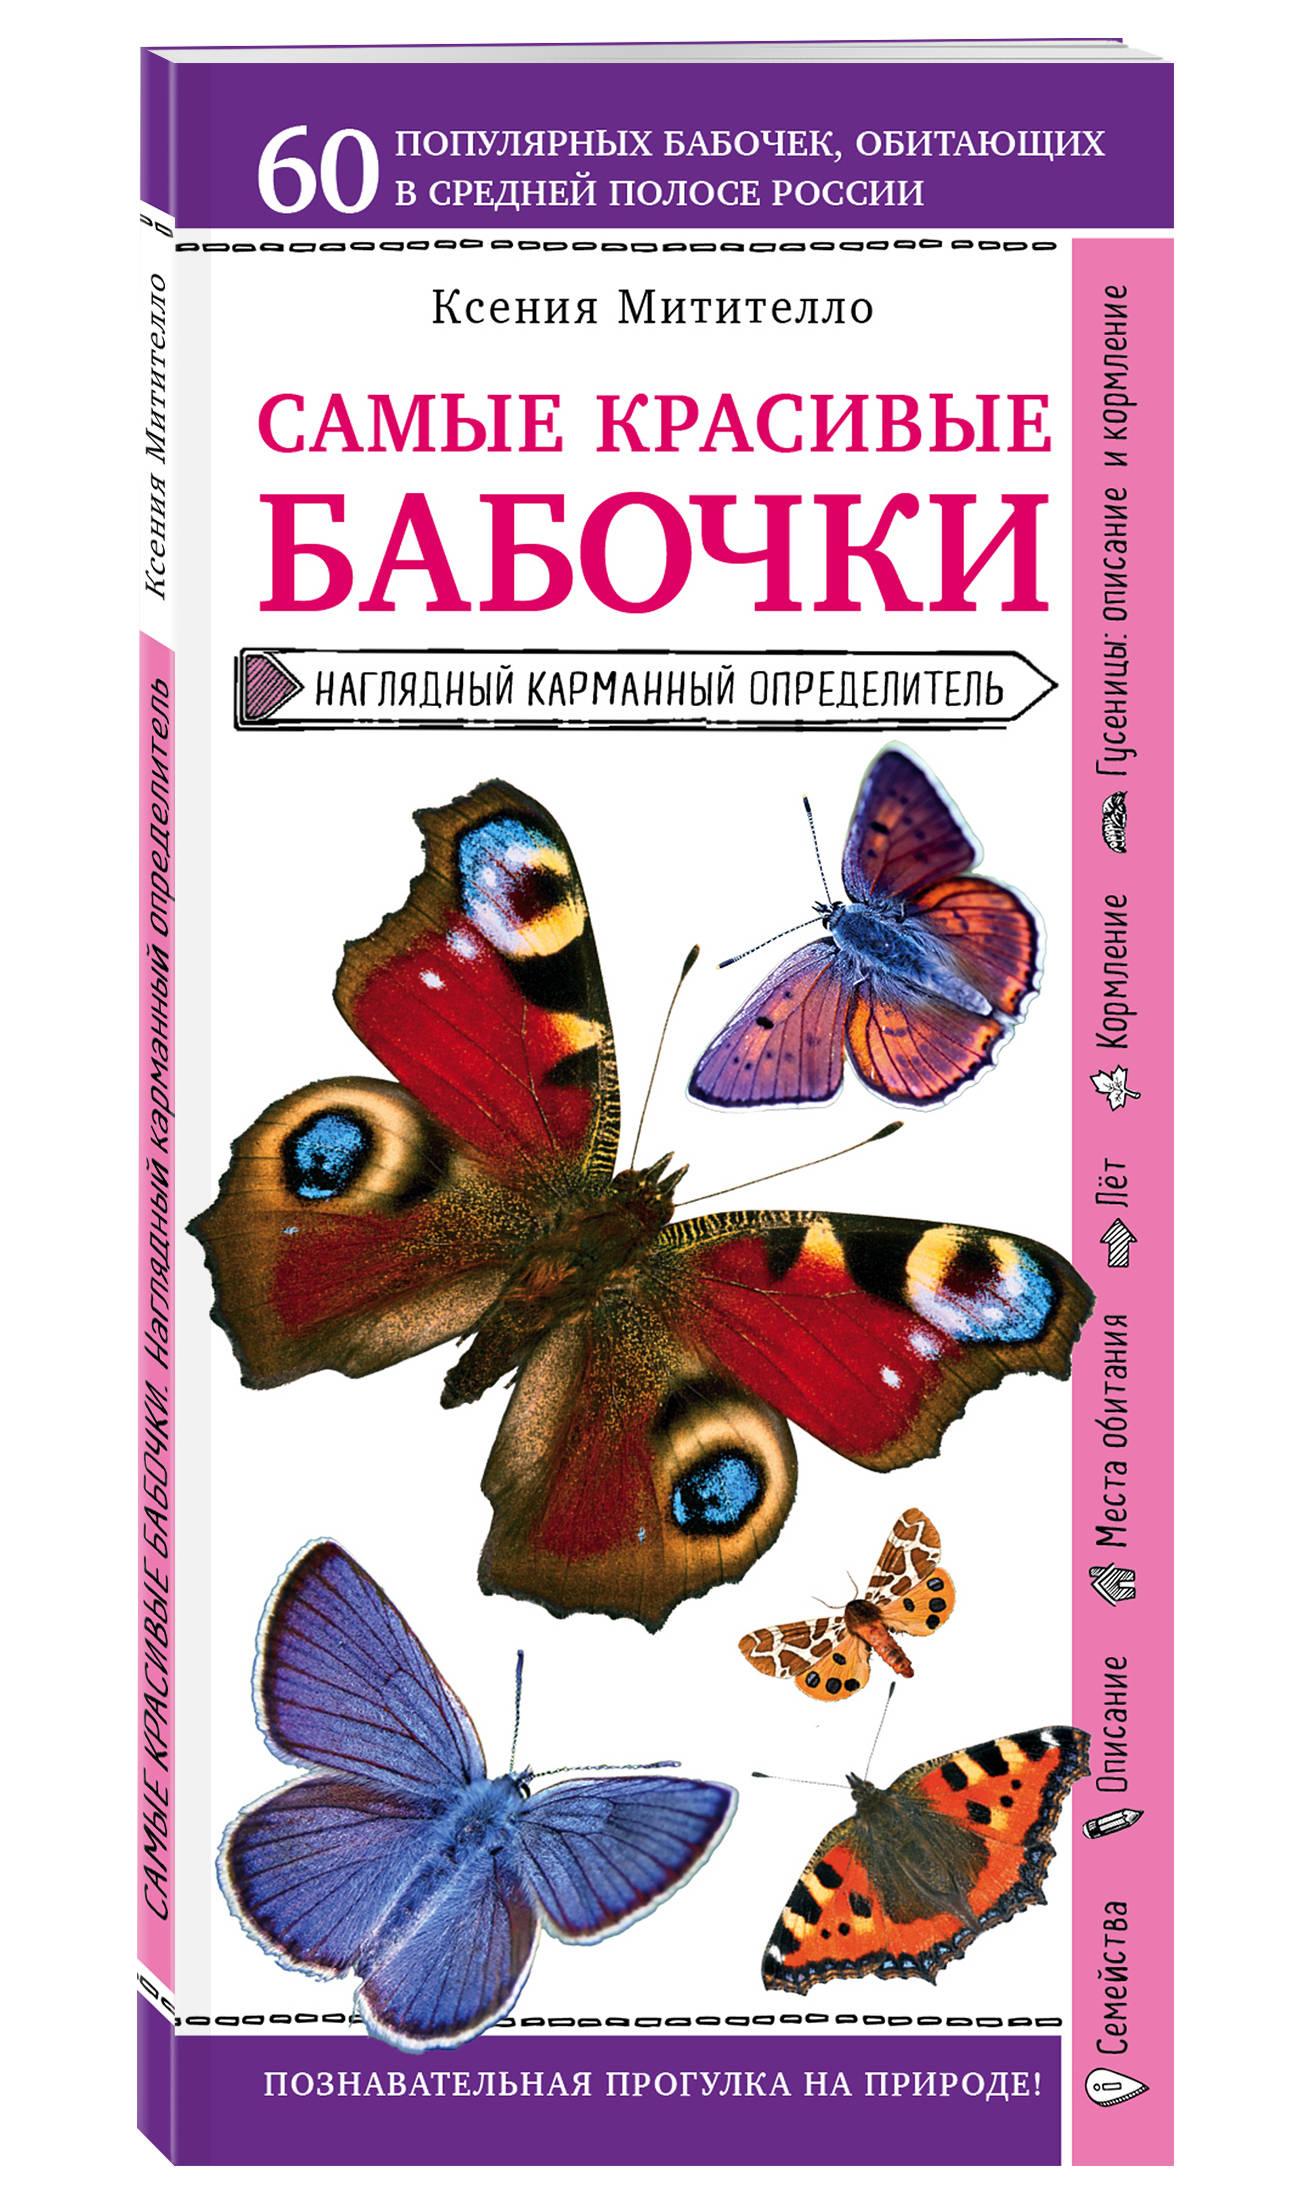 Фото - Ксения Митителло Бабочки. Наглядный карманный определитель митителло к бабочки наглядный карманный определитель